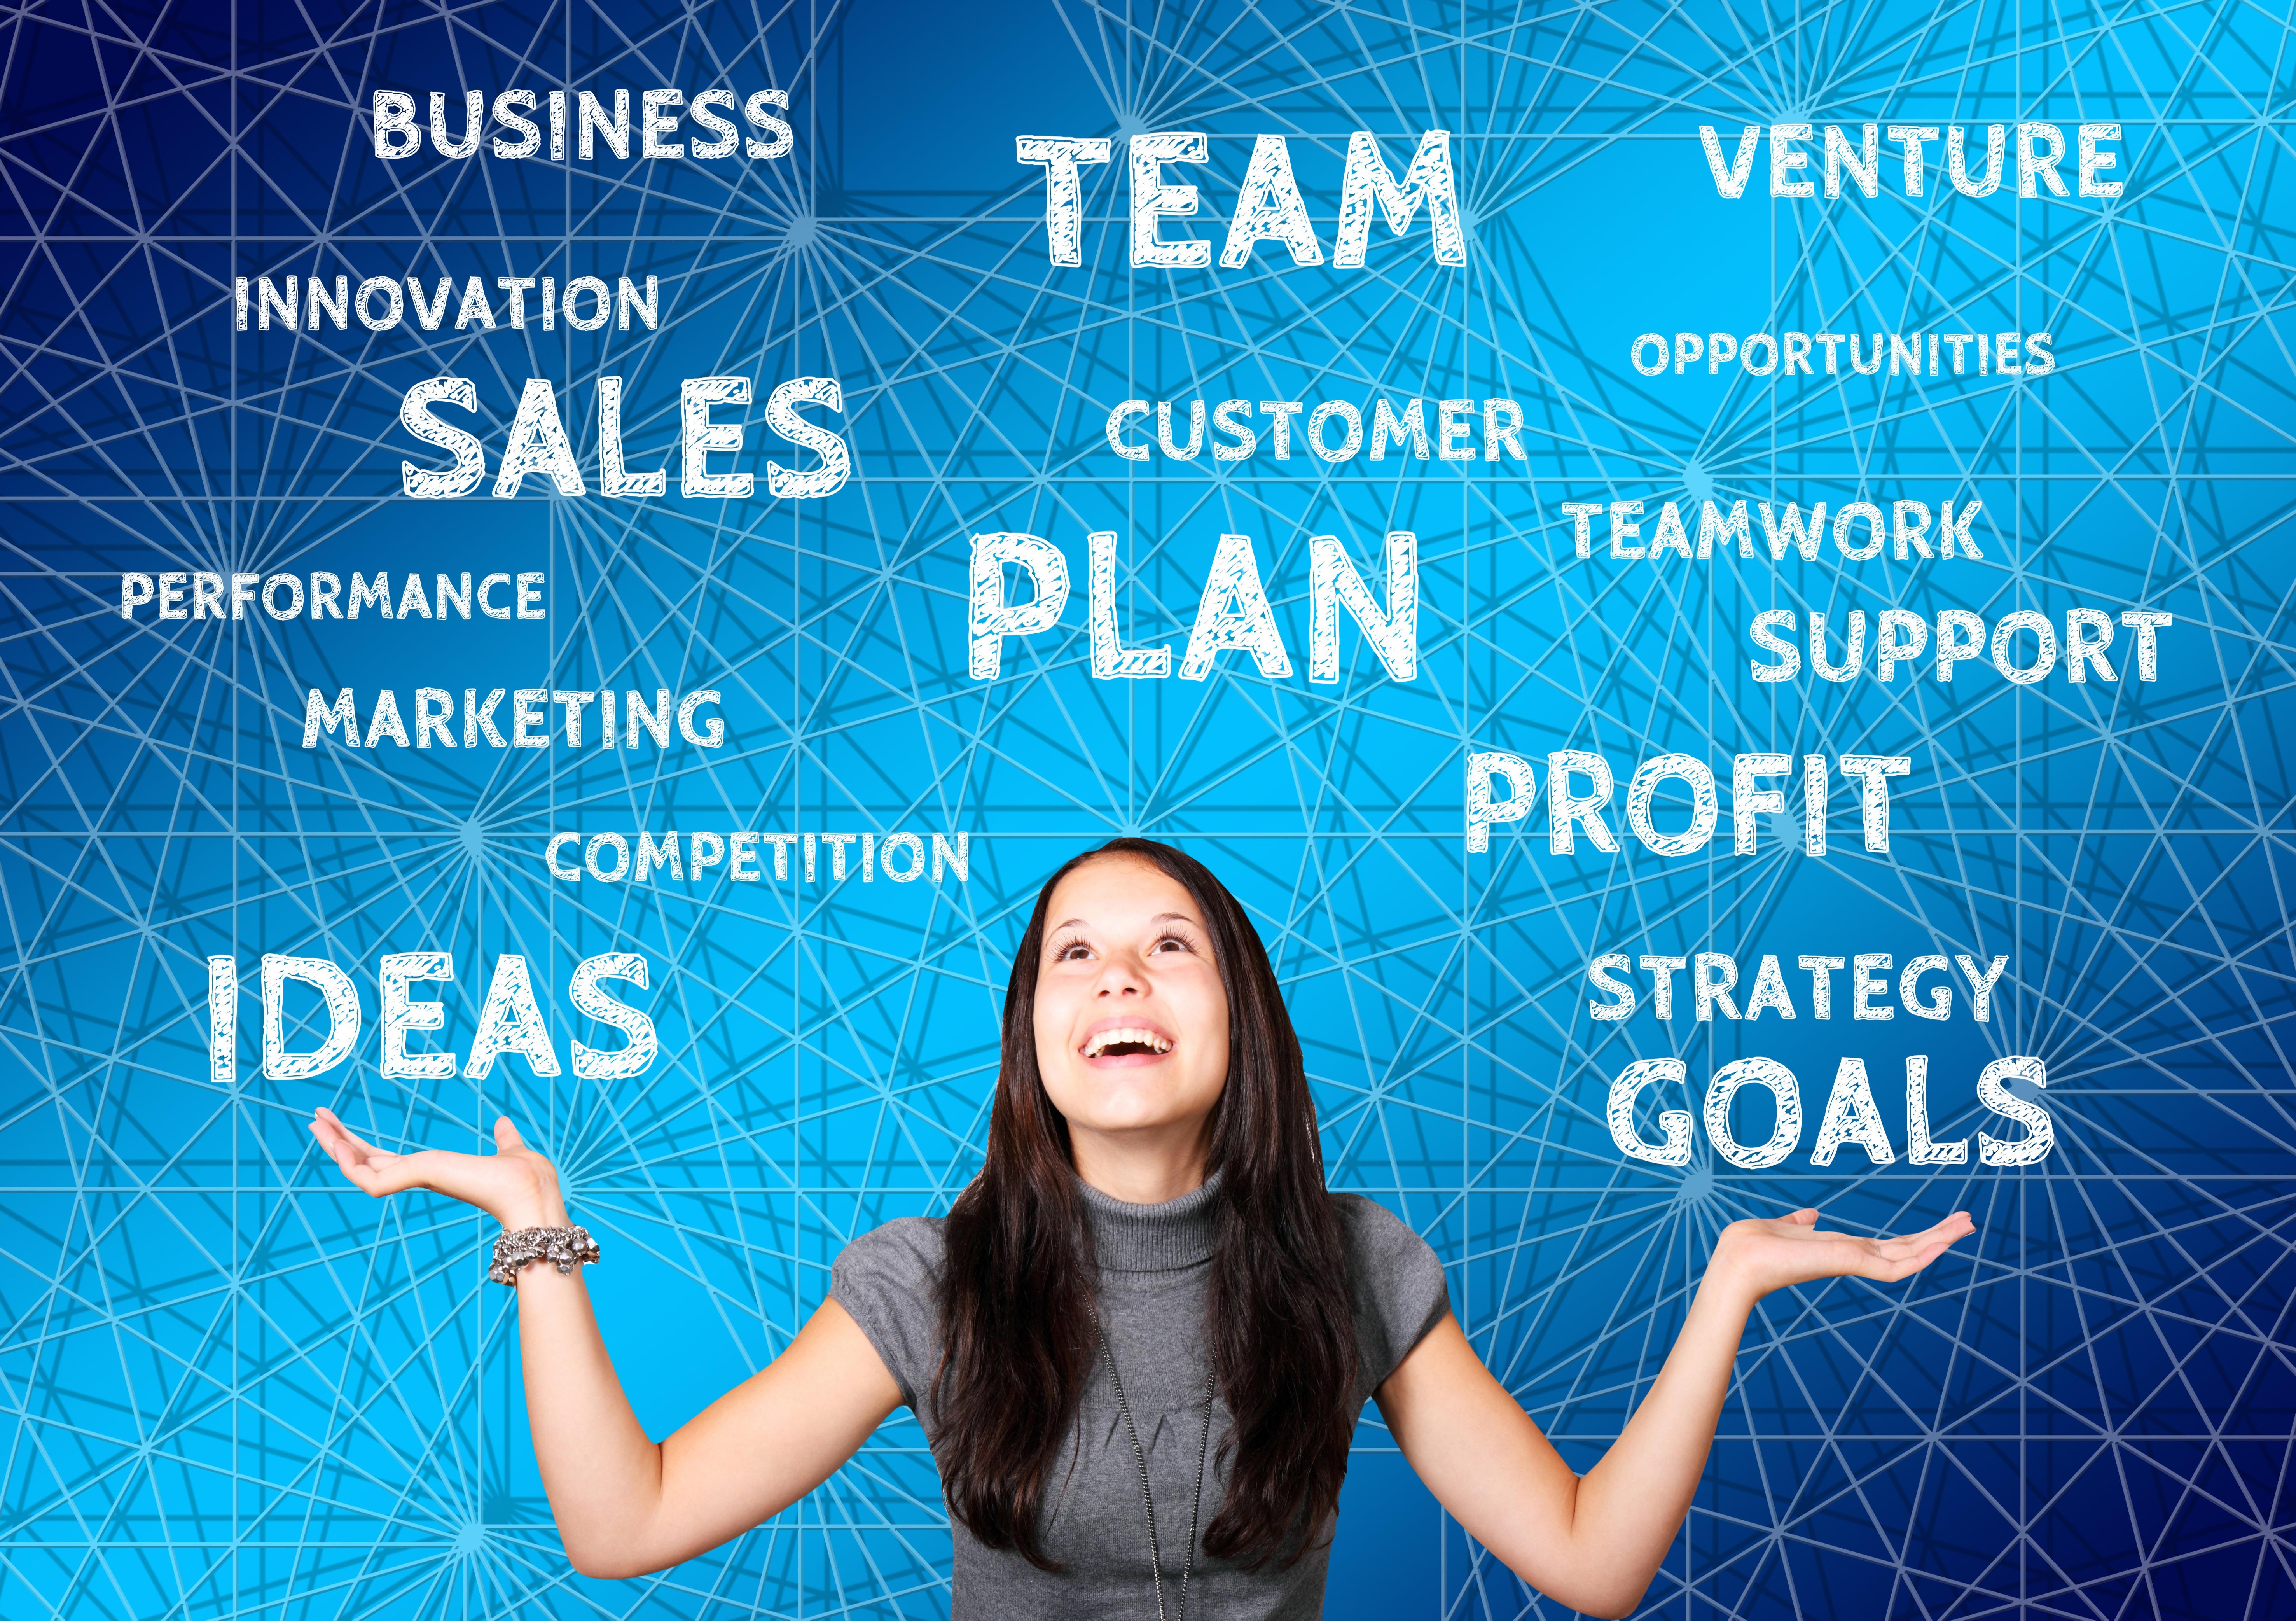 Diseño gráfico y branding: conceptos básicos del proceso creativo para tu marca empresarial